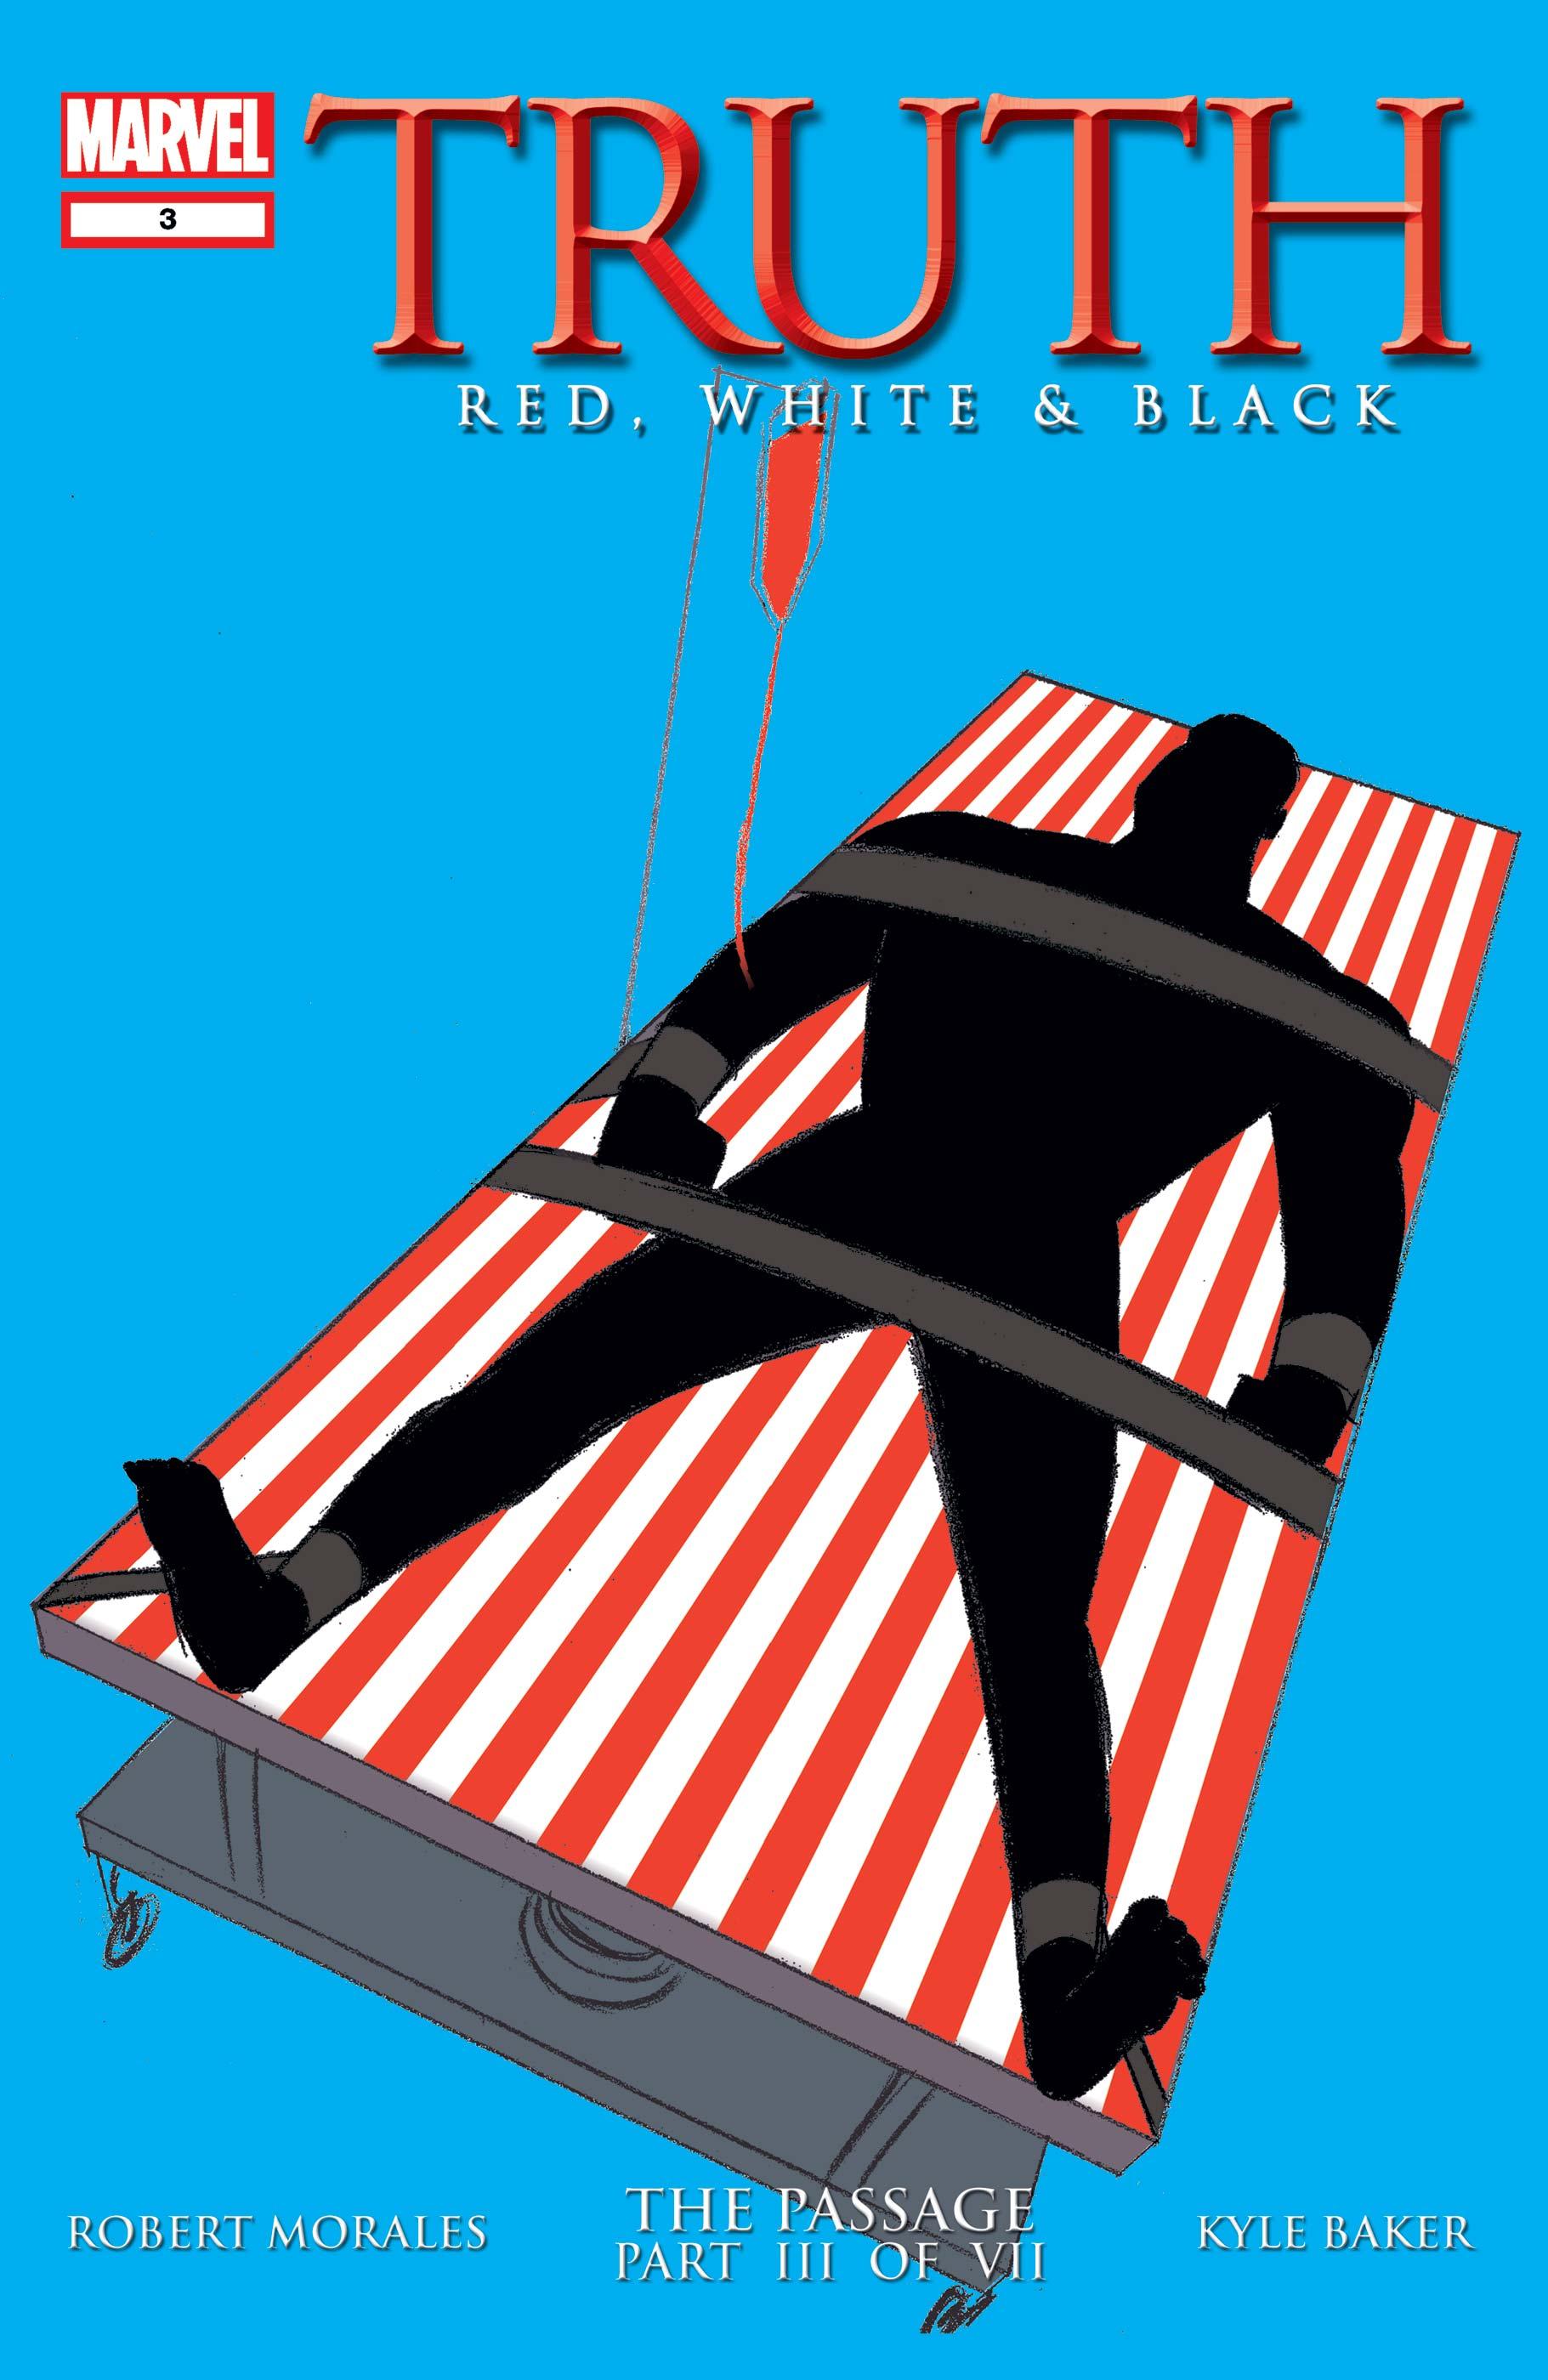 """Tytuł 5. odcinka serialu, """"Truth"""", nawiązuje do serii komiksowej """"Truth: Red, White and Black"""" z 2003 roku ze scenariuszem Roberta Moralesa, w której pokazano eksperymenty na czarnoskórych żołnierzach USA – głównym bohaterem opowieści był Isaiah Bradley. Przypomnijmy, że inspiracją dla tej historii stało się słynne badanie Tuskegee z lat 1932-1972, w trakcie którego Afroamerykanie byli zarażani kiłą."""